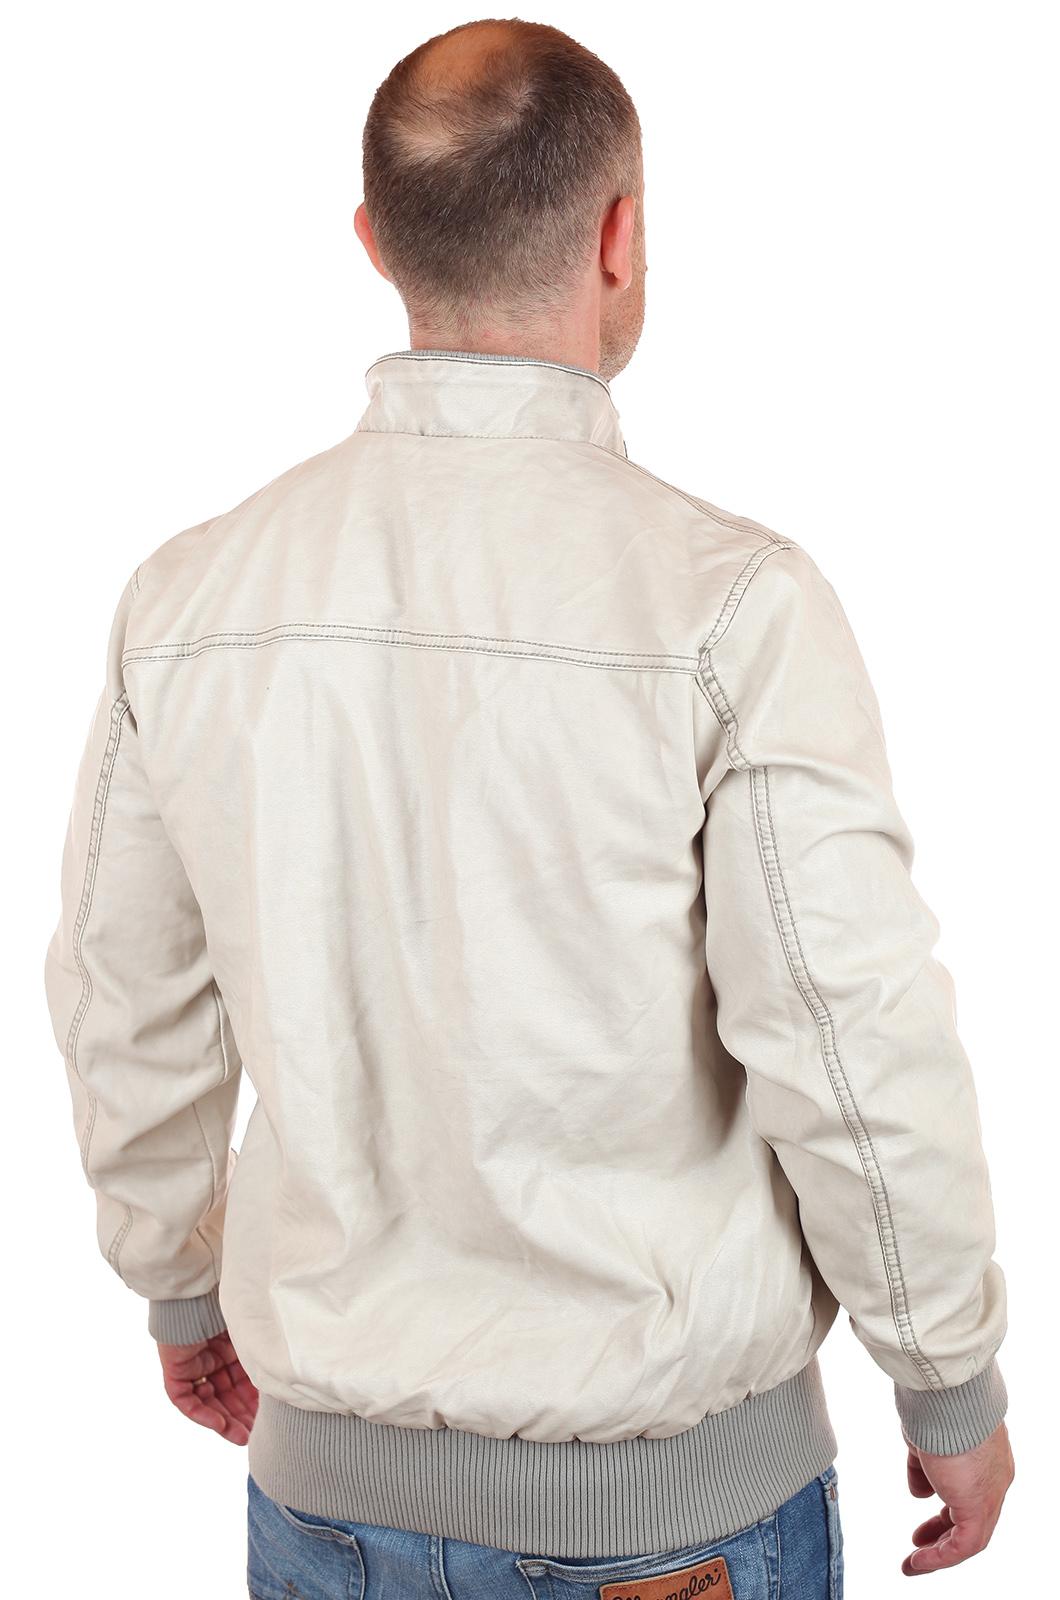 Мужская демисезонная куртка Identic (Италия). Популярный фасон ... 75a546f27818c